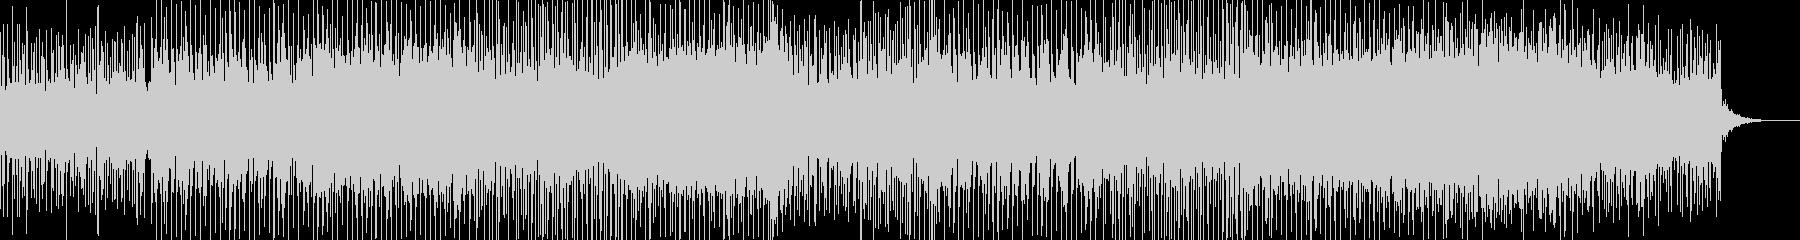 かわいいベル音と切ないフレーズが印象的の未再生の波形